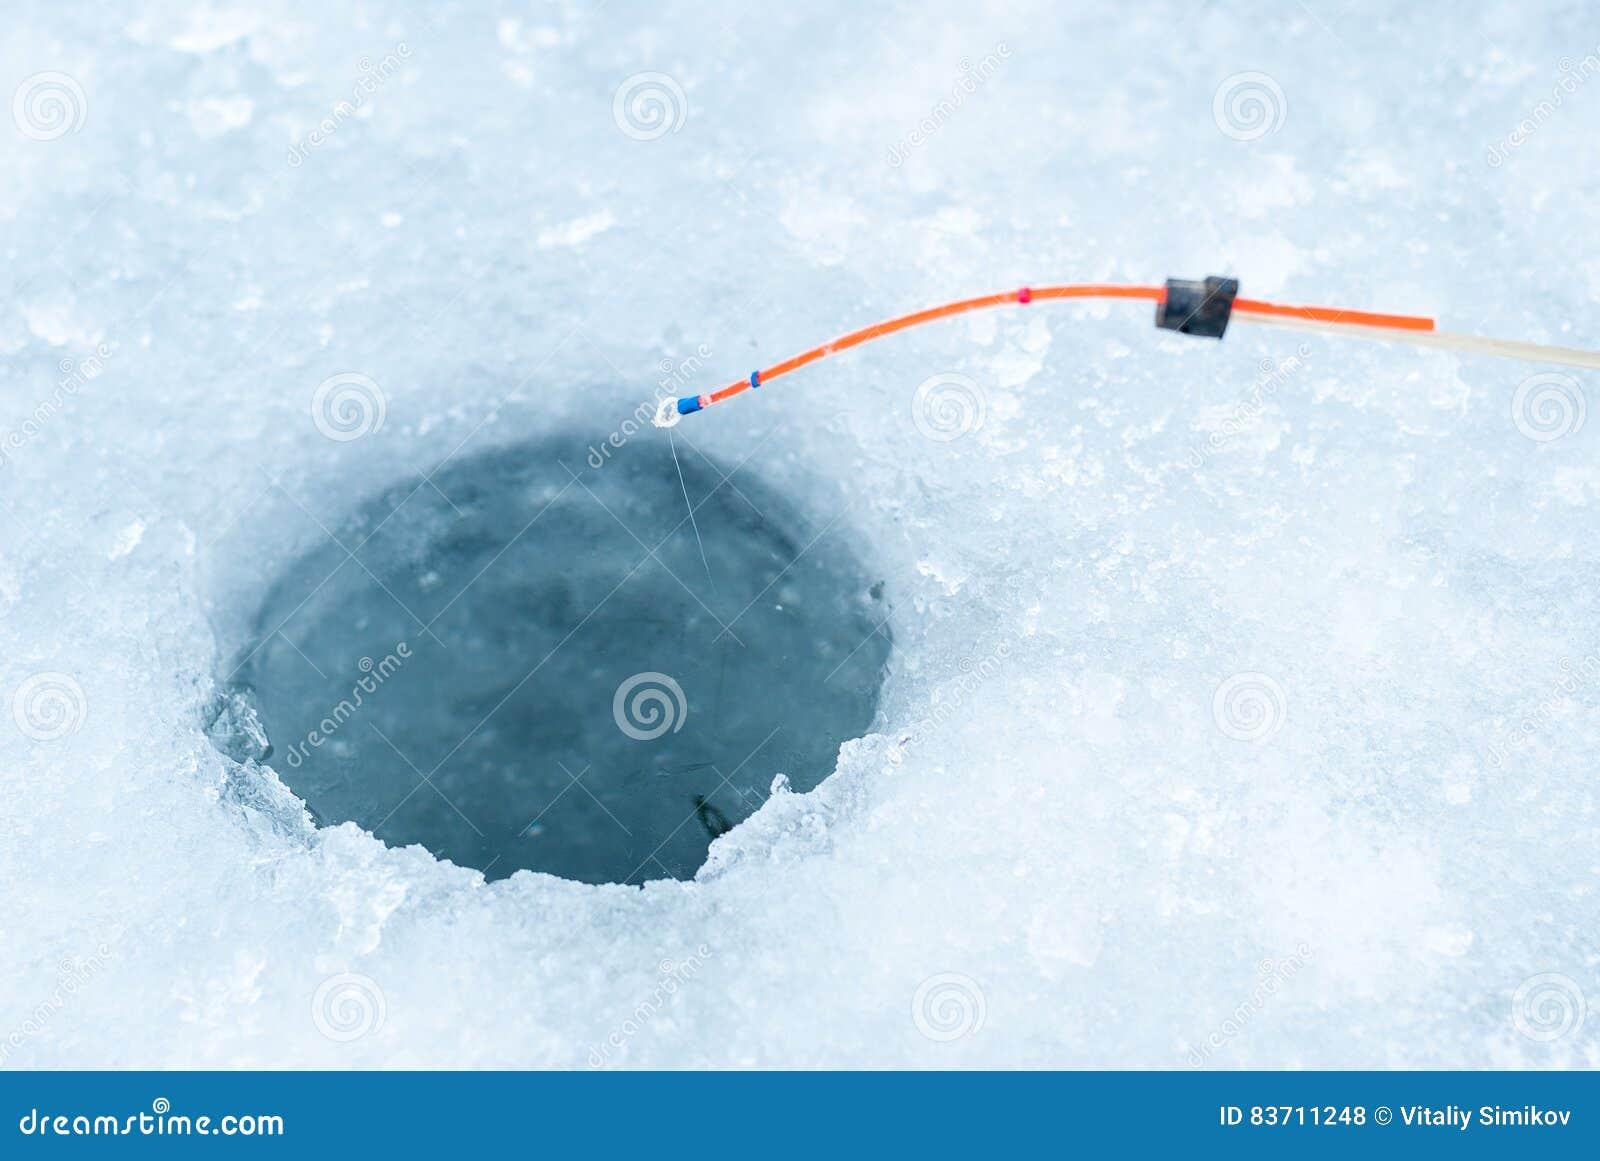 Отверстие во льду для ловли рыбы